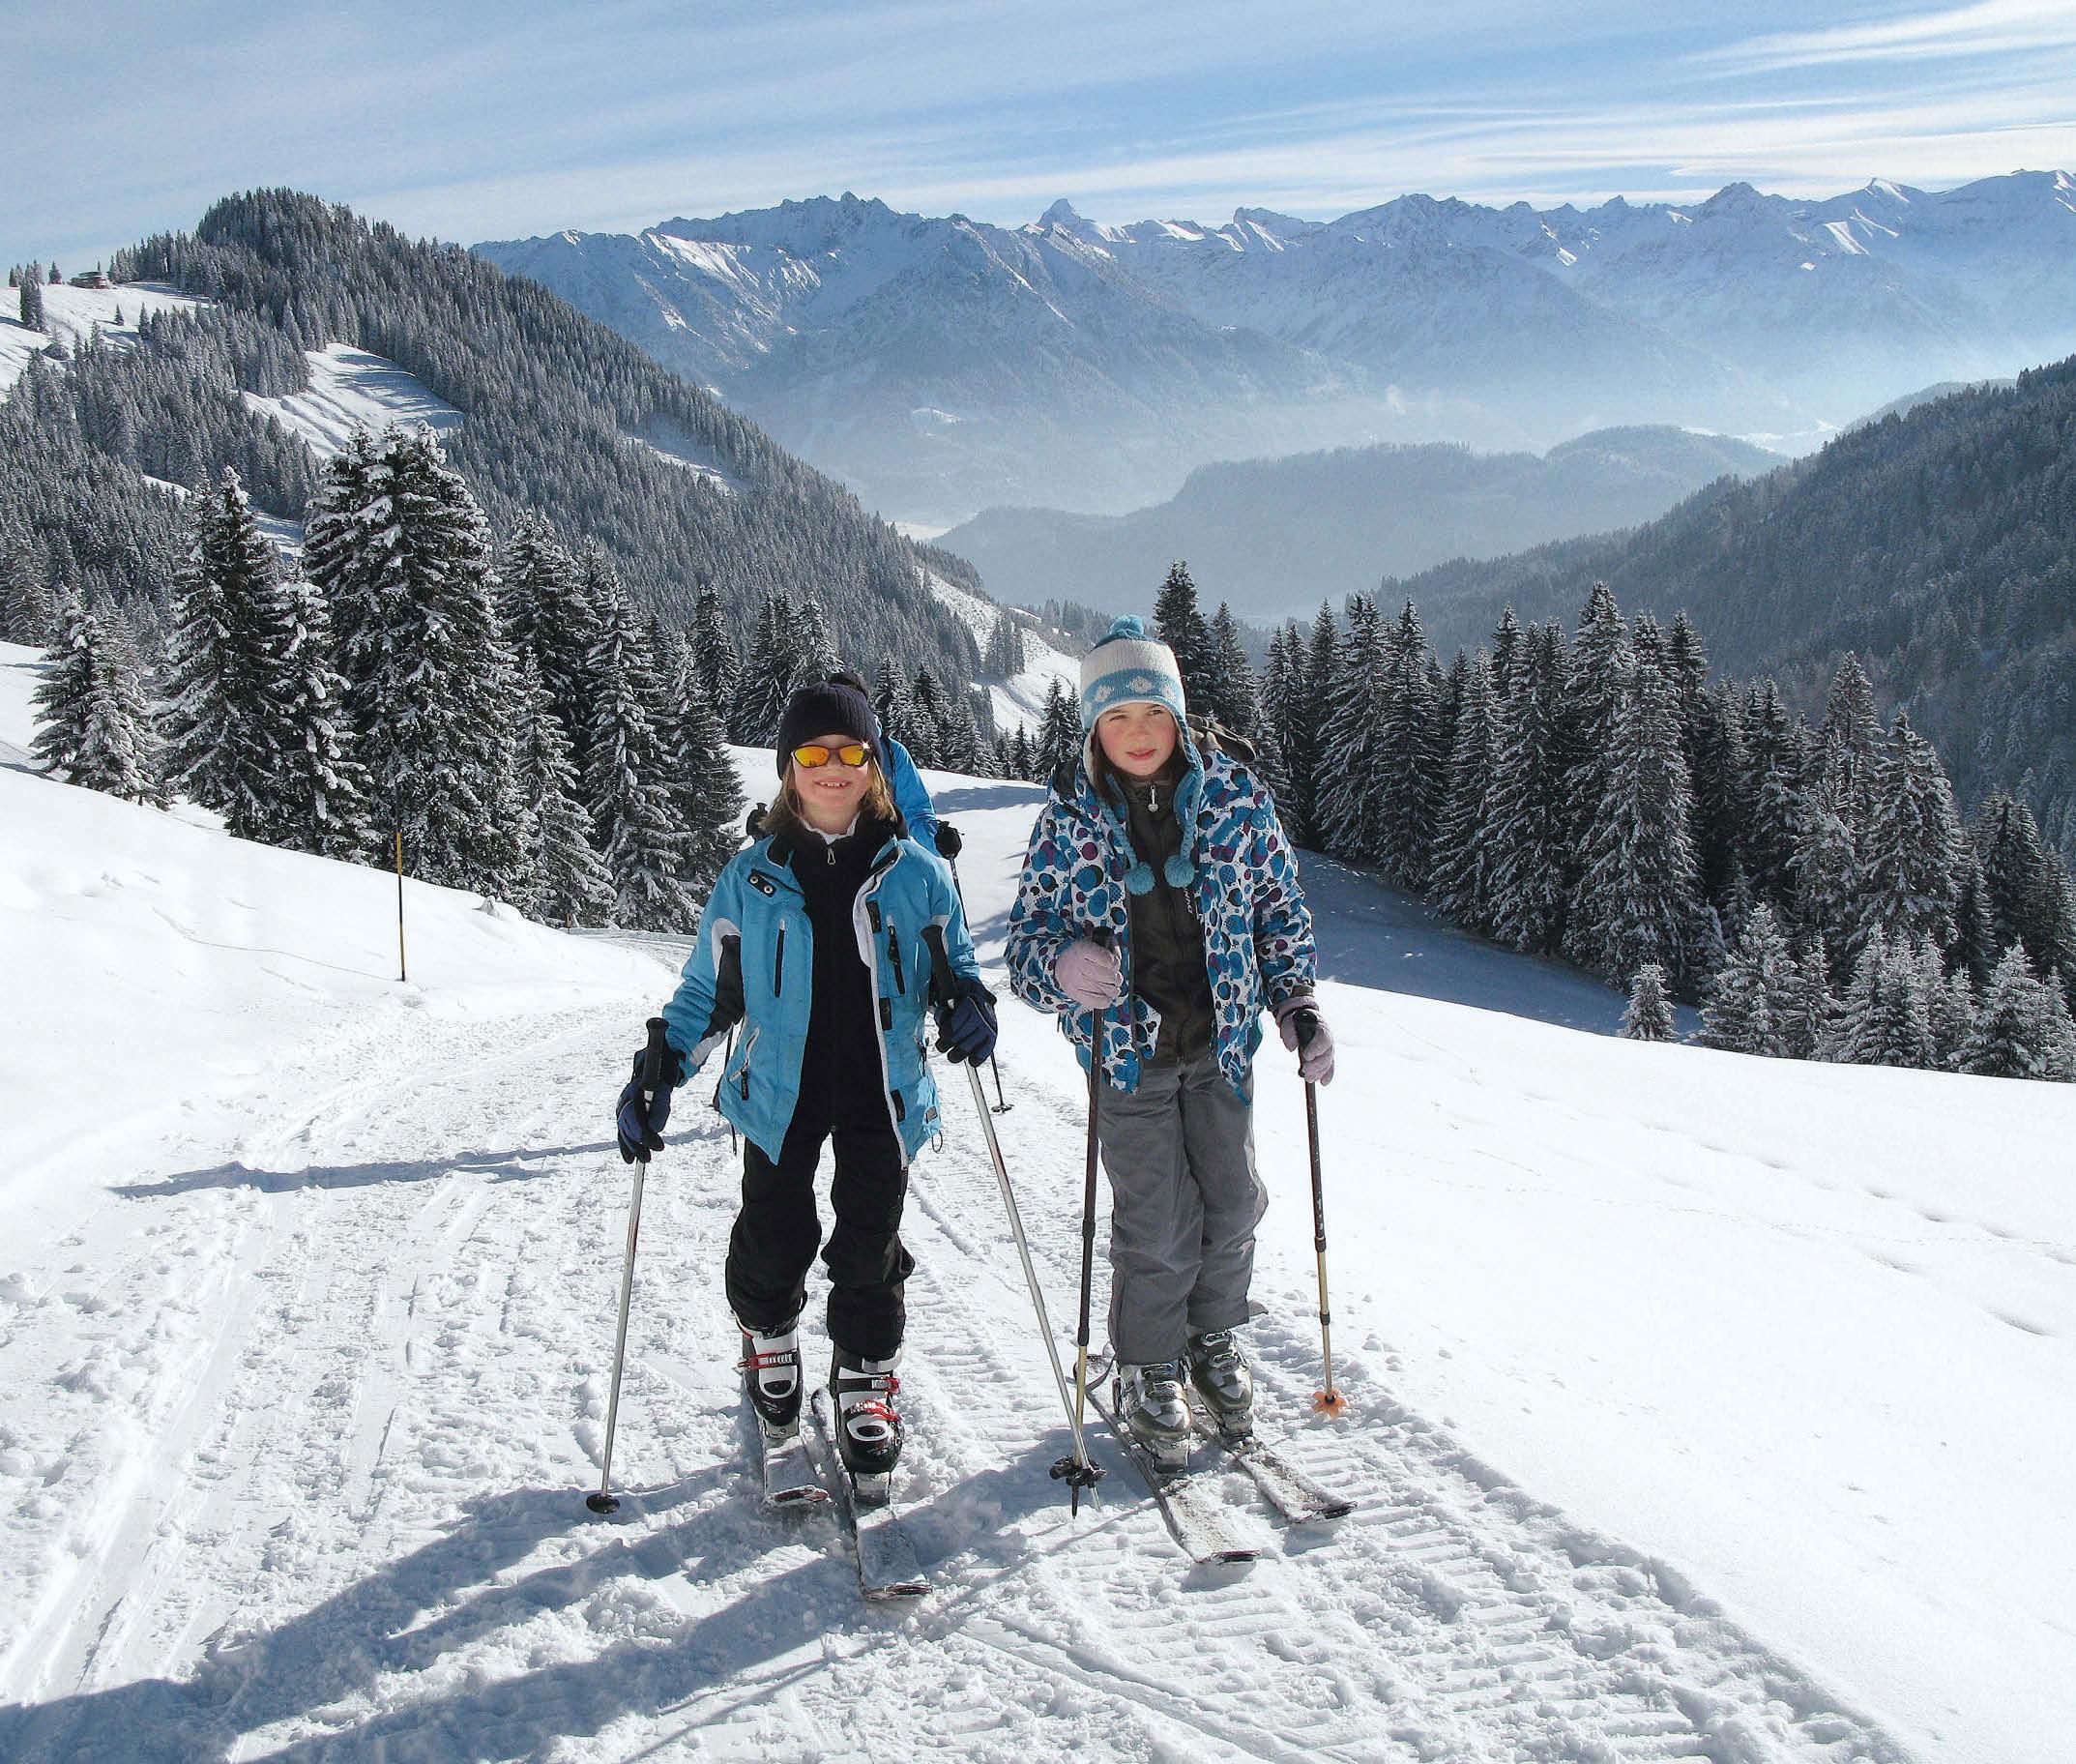 Mit Kindern auf Skitour - Kleine auf großen Touren